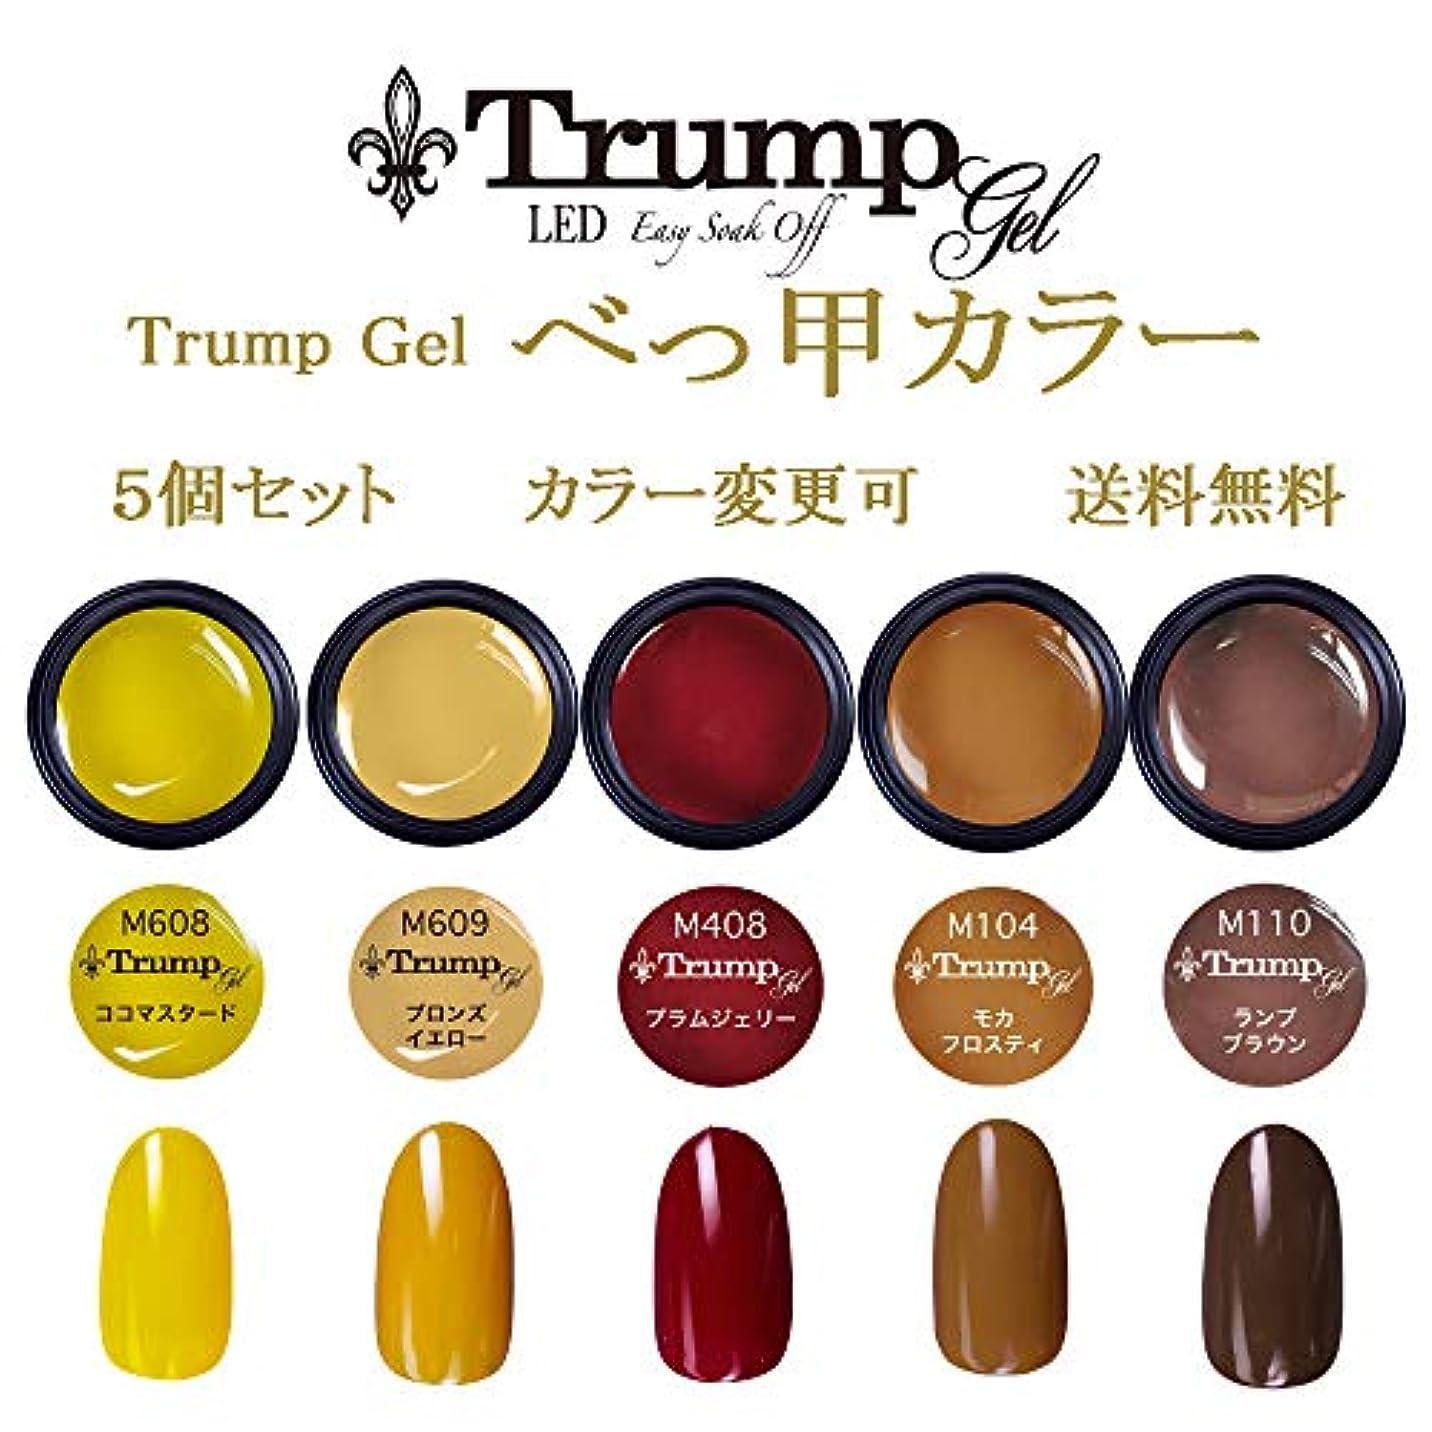 症状聖域孤独な日本製 Trump gel トランプジェル べっ甲 ネイルカラー 選べる カラージェル 5個セット イエロー ブラウン ワイン べっこう